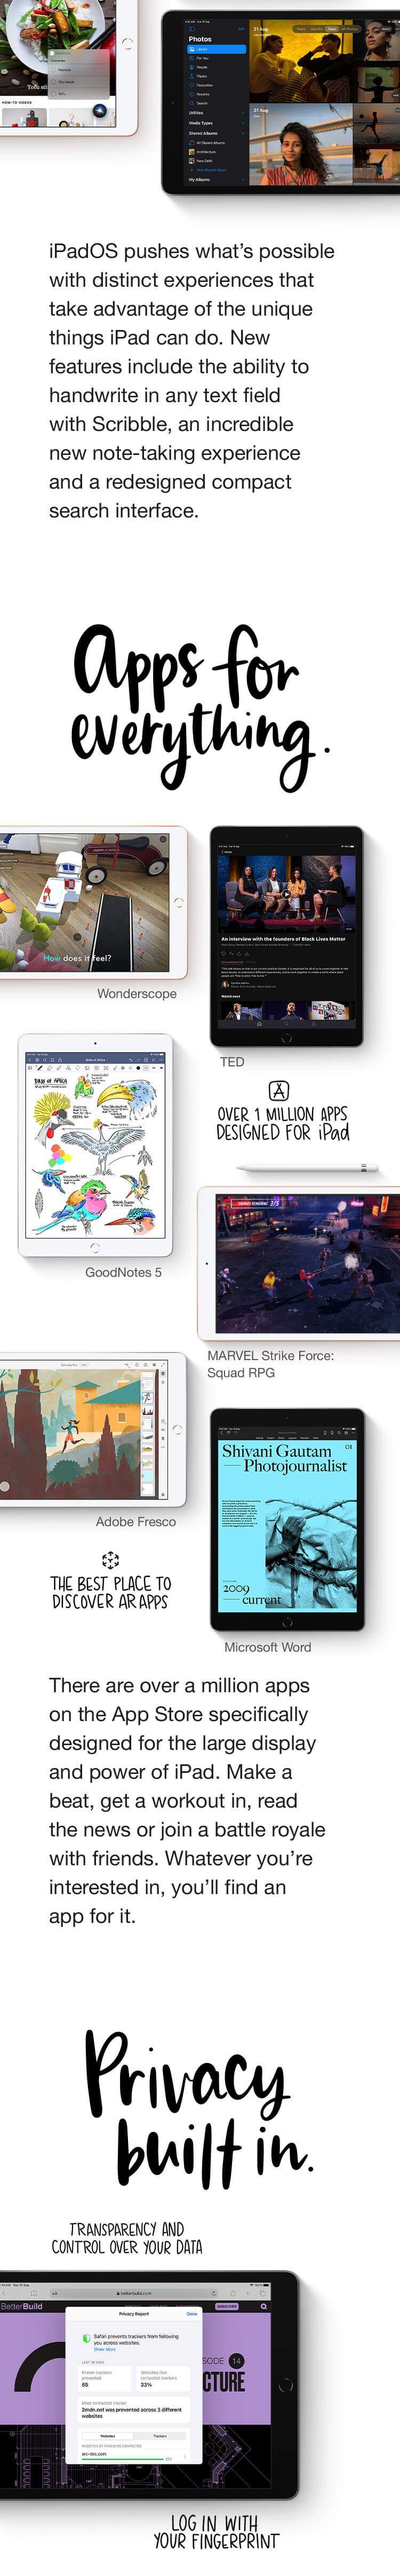 Buy Apple iPad (8th gen) online in india